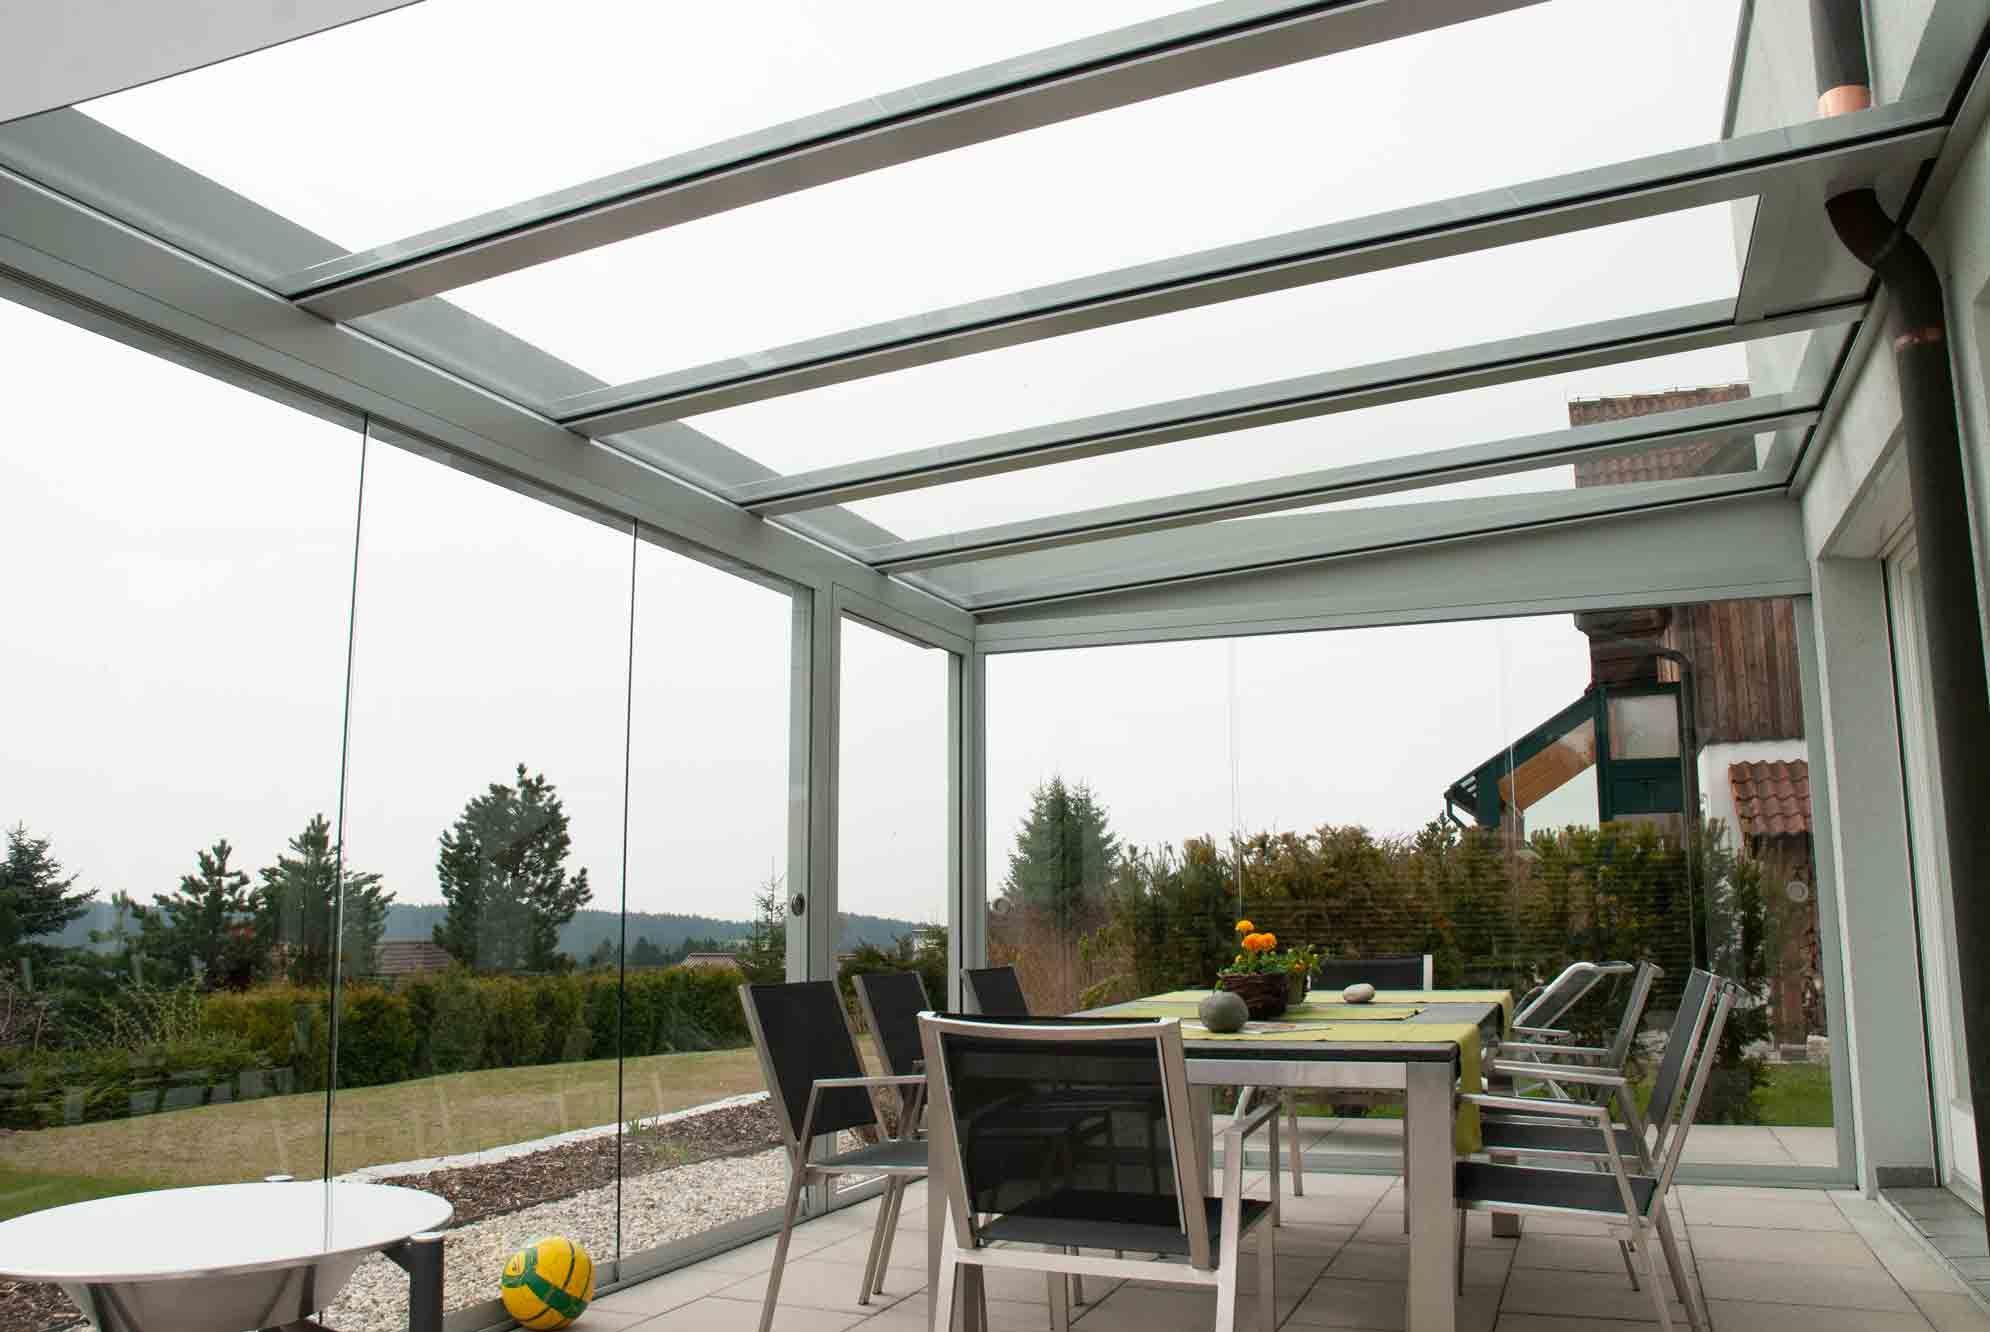 Terrassenüberdachung mit Seitenwänden aus Glas